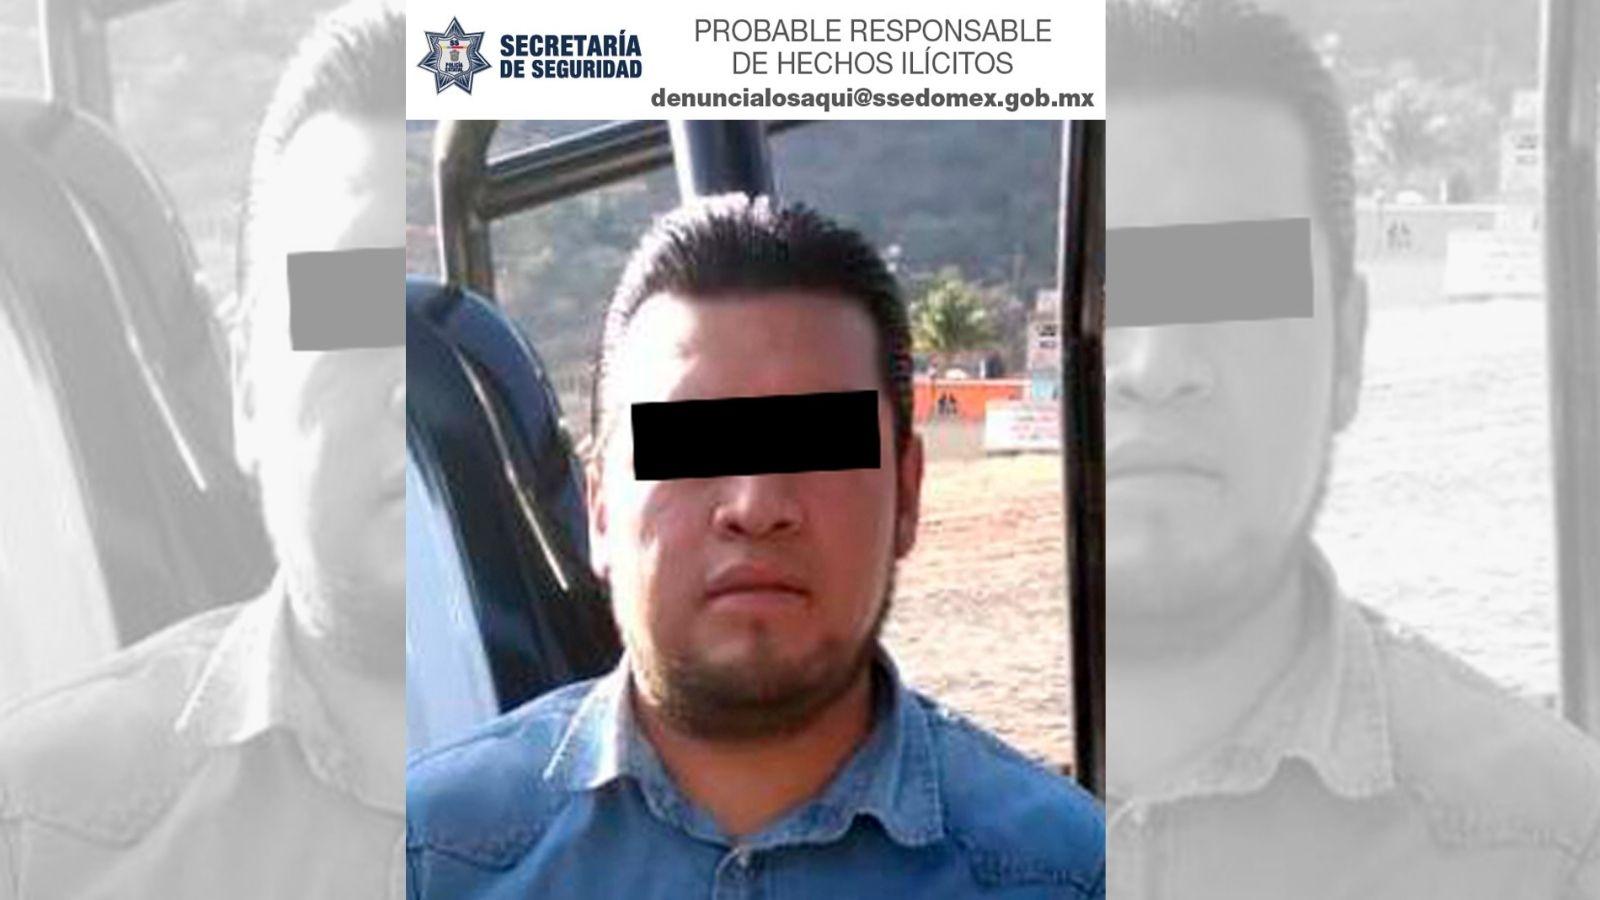 RECUPERAN VEHÍCULO CON REPORTE DE ROBO EN MALINALCO; HAY UN DETENIDO